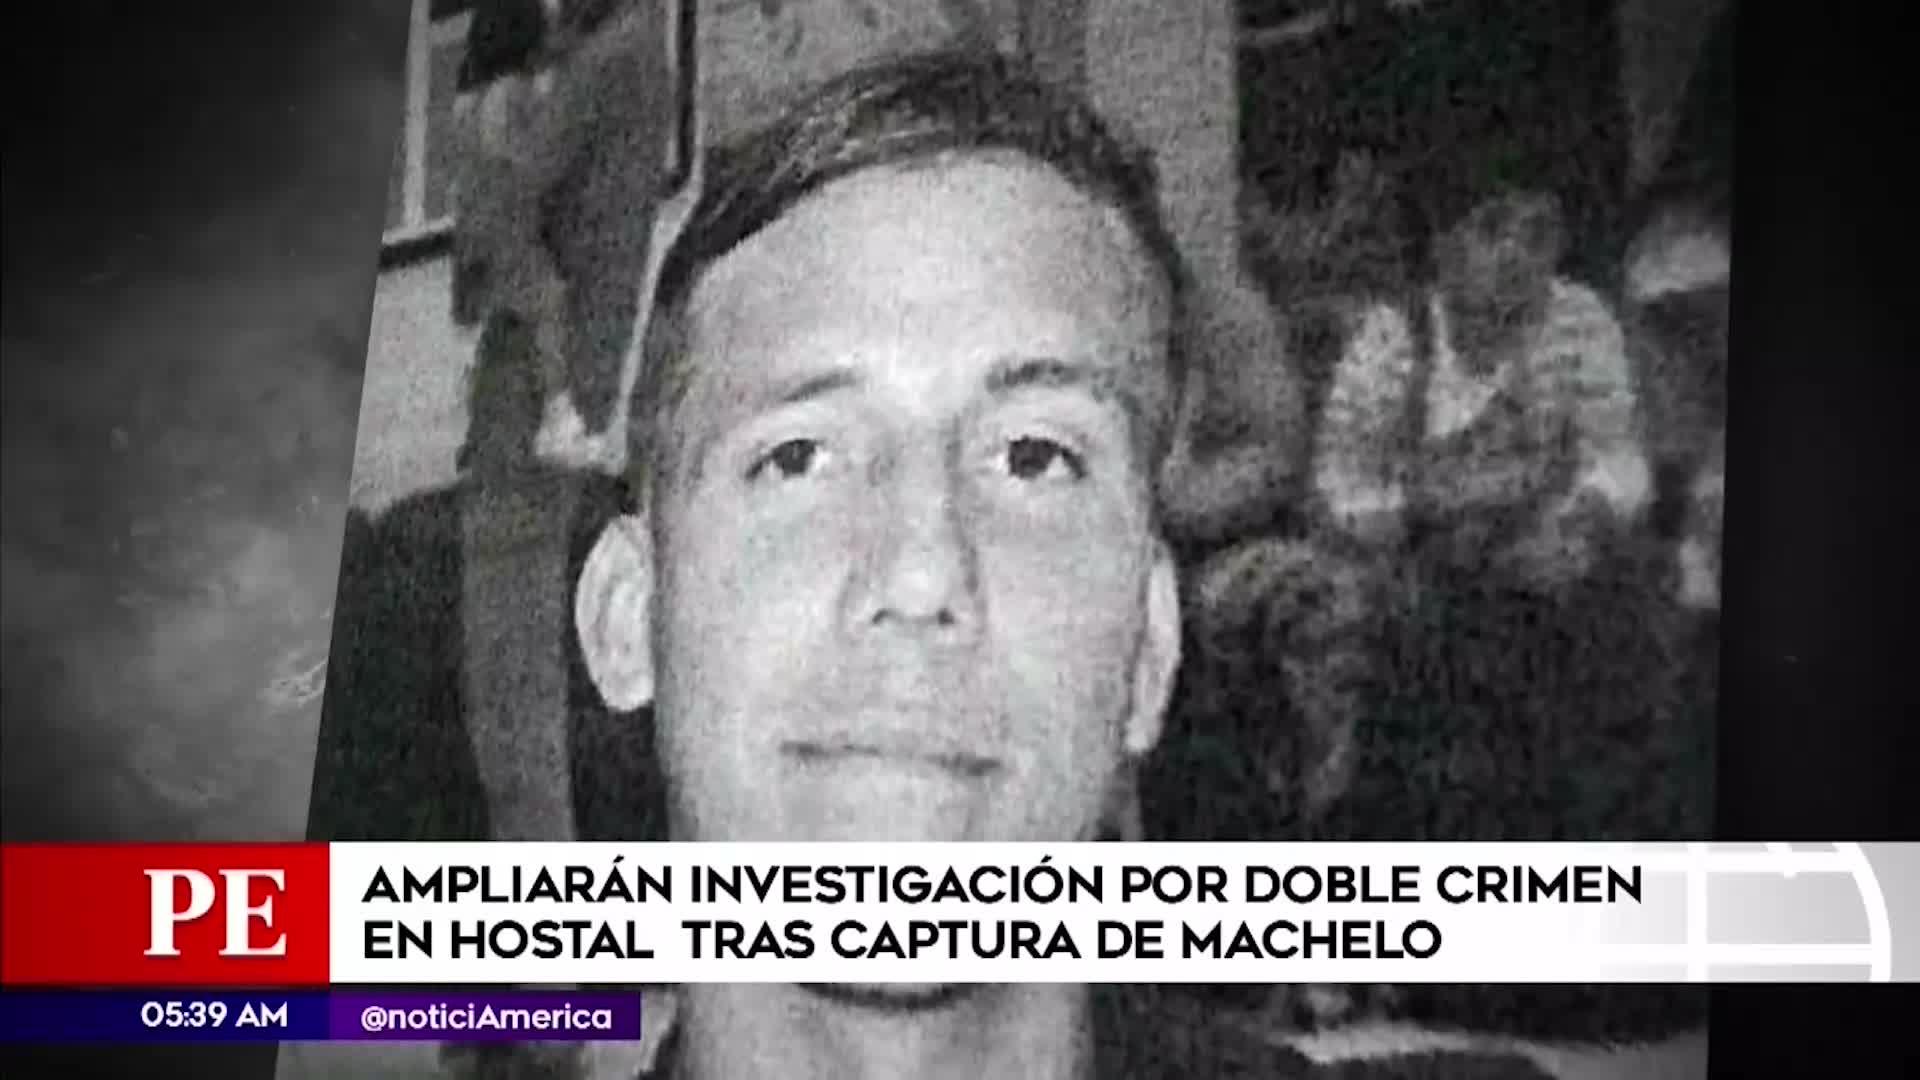 Fiscalía ampliará investigación por doble crimen en hostal de SMP tras captura de 'Machelo'